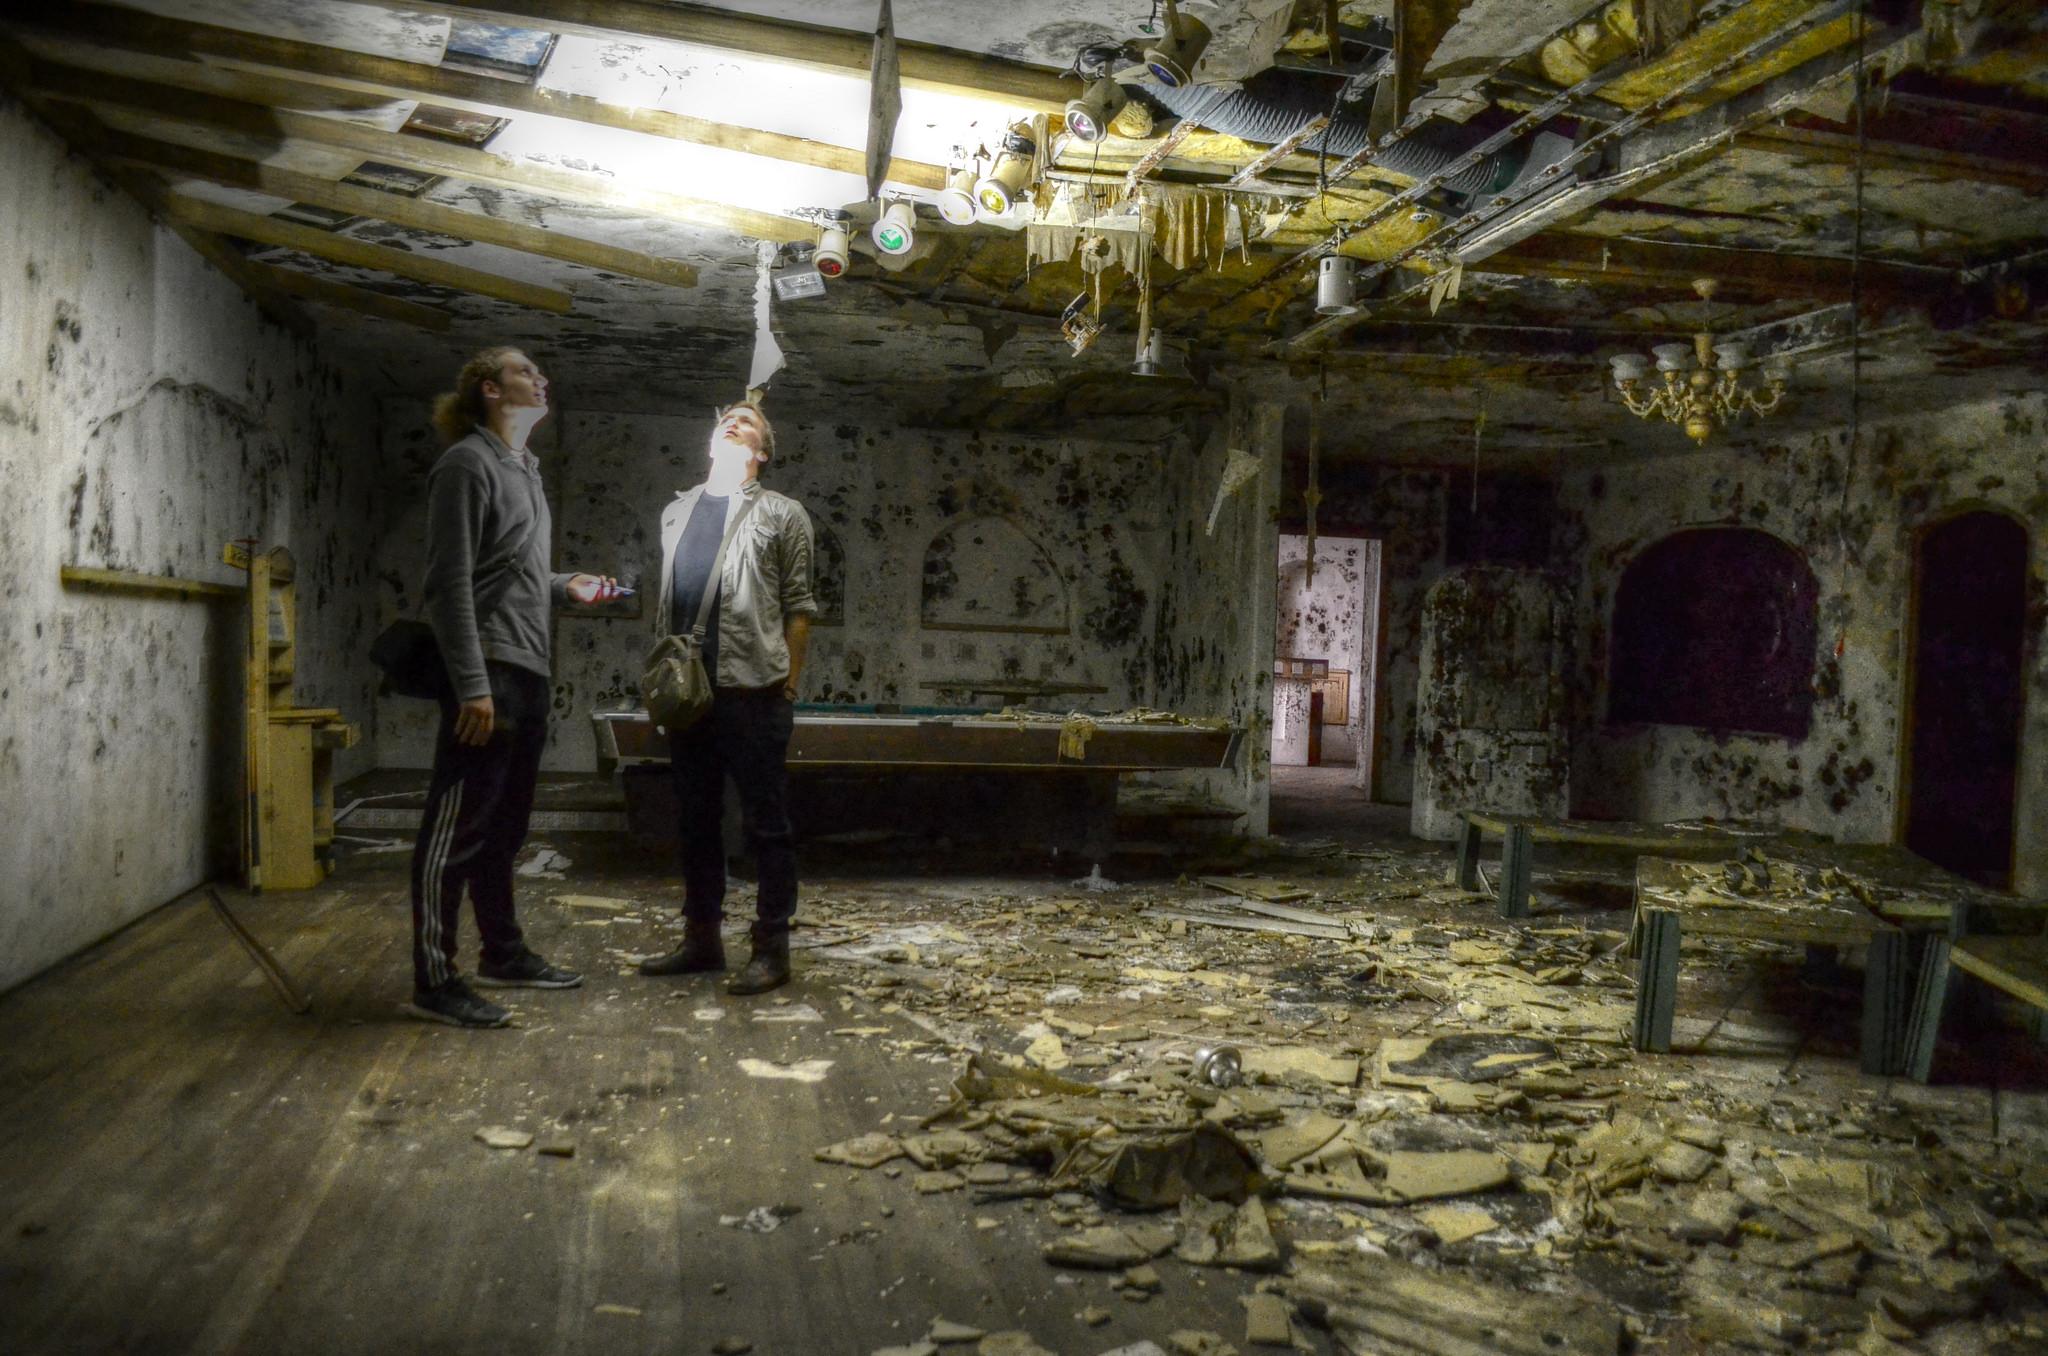 Inside The Eerie Abandoned Buildings Of Jeju Island South Korea